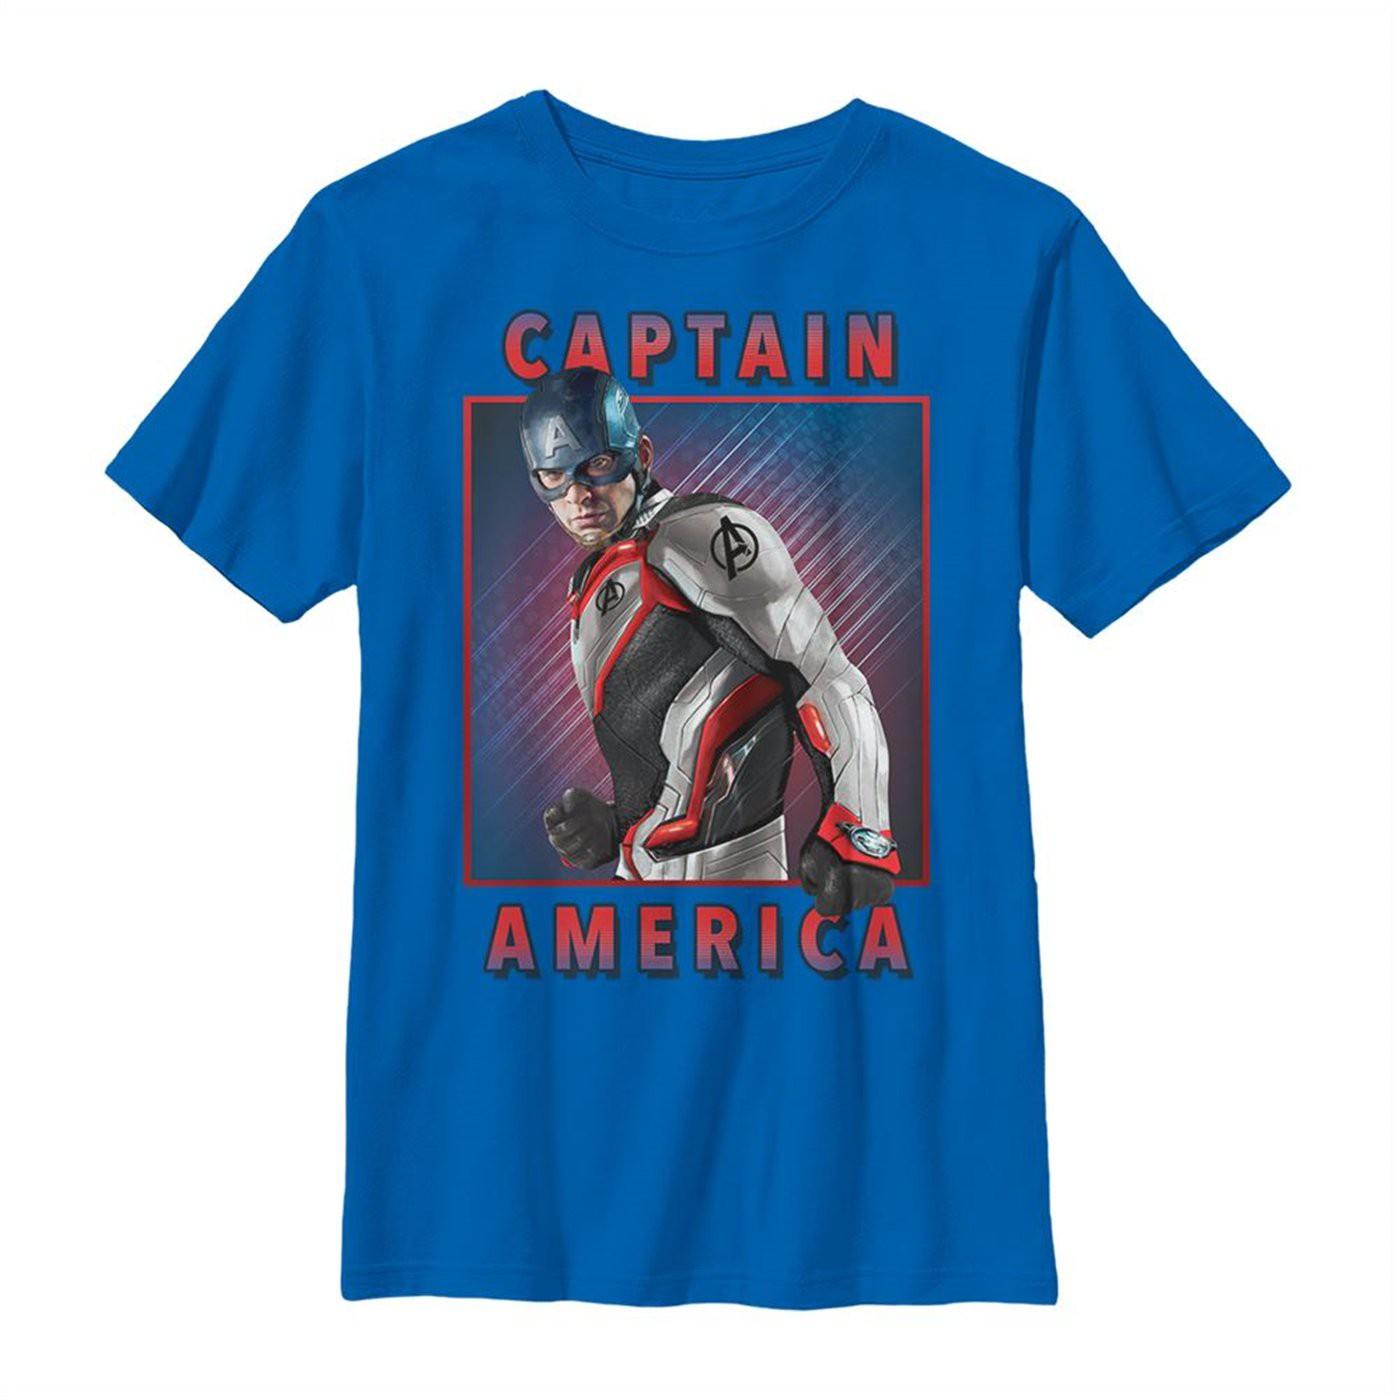 Avengers Endgame Captain America Armor Solo Youth T-Shirt